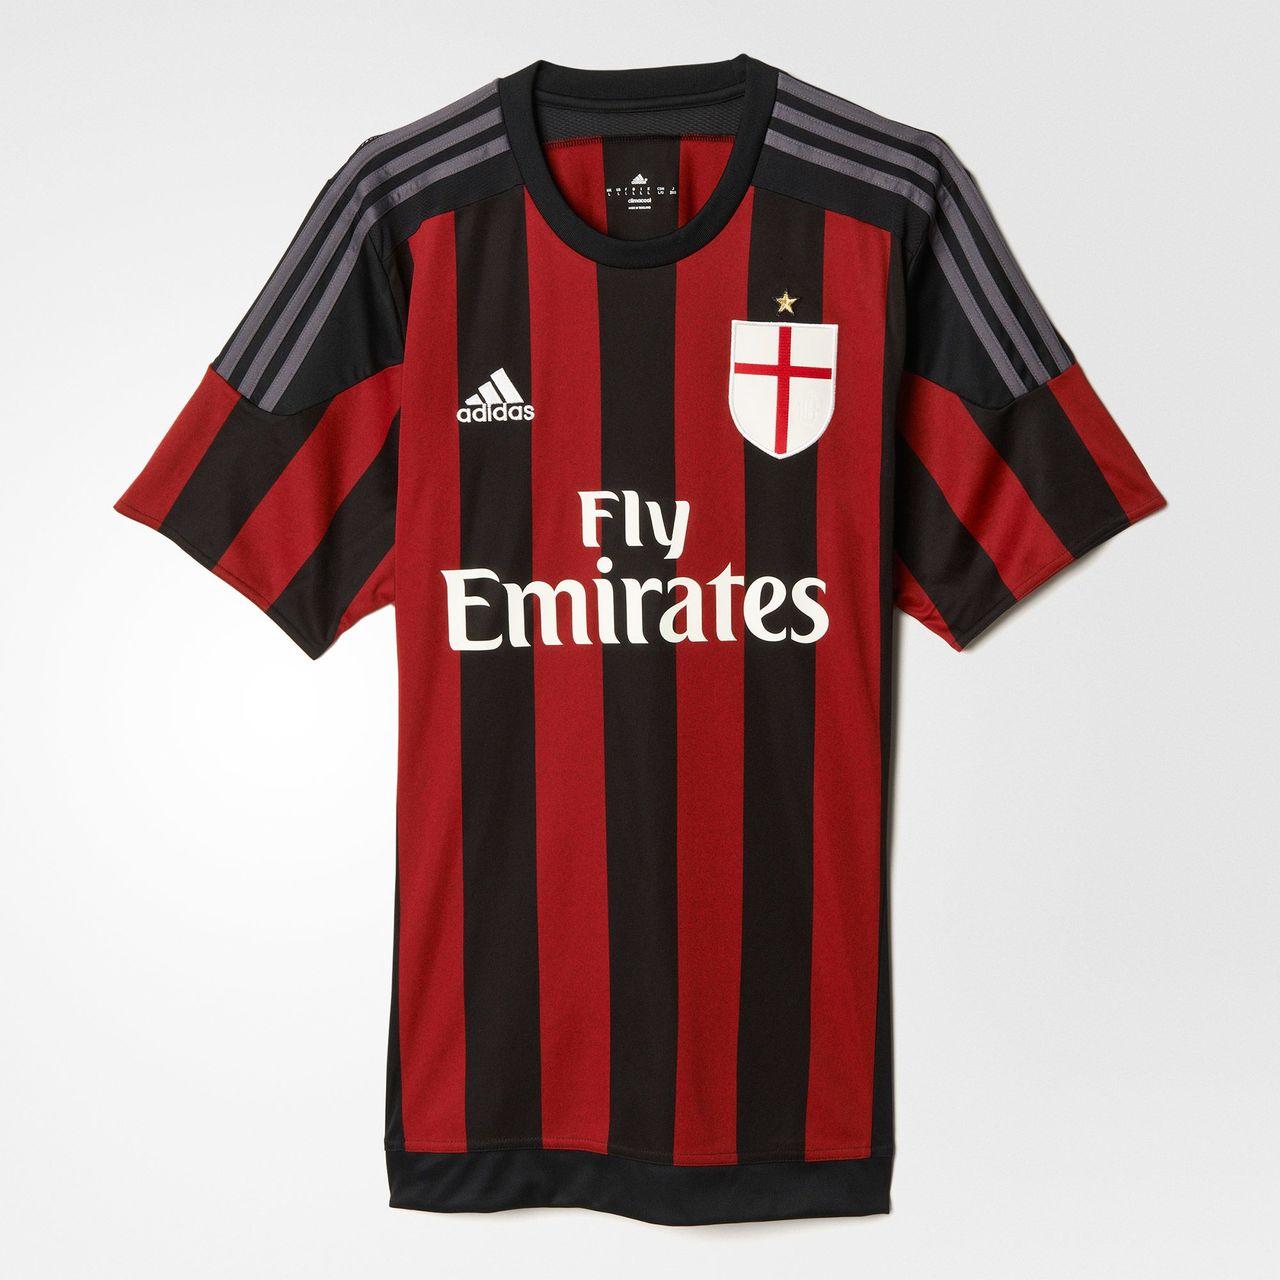 Camiseta del AC Milan (ACM). de58a89f6cc83